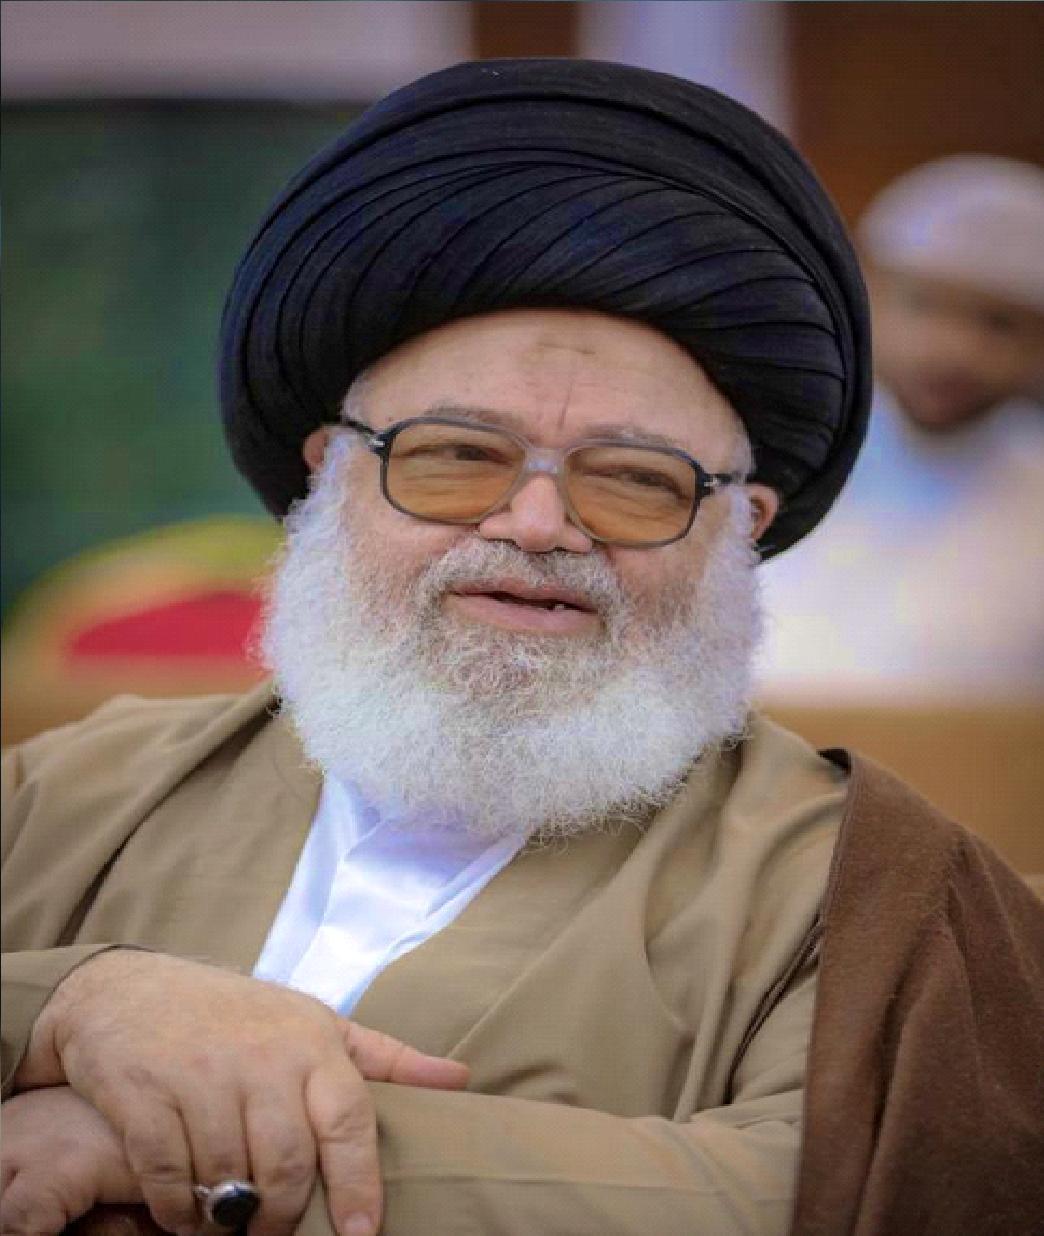 """أتهام """"عبد الله الغريفي"""" أكبر مرجع ديني في البحرين بـ""""التعاطف مع الإرهاب"""""""